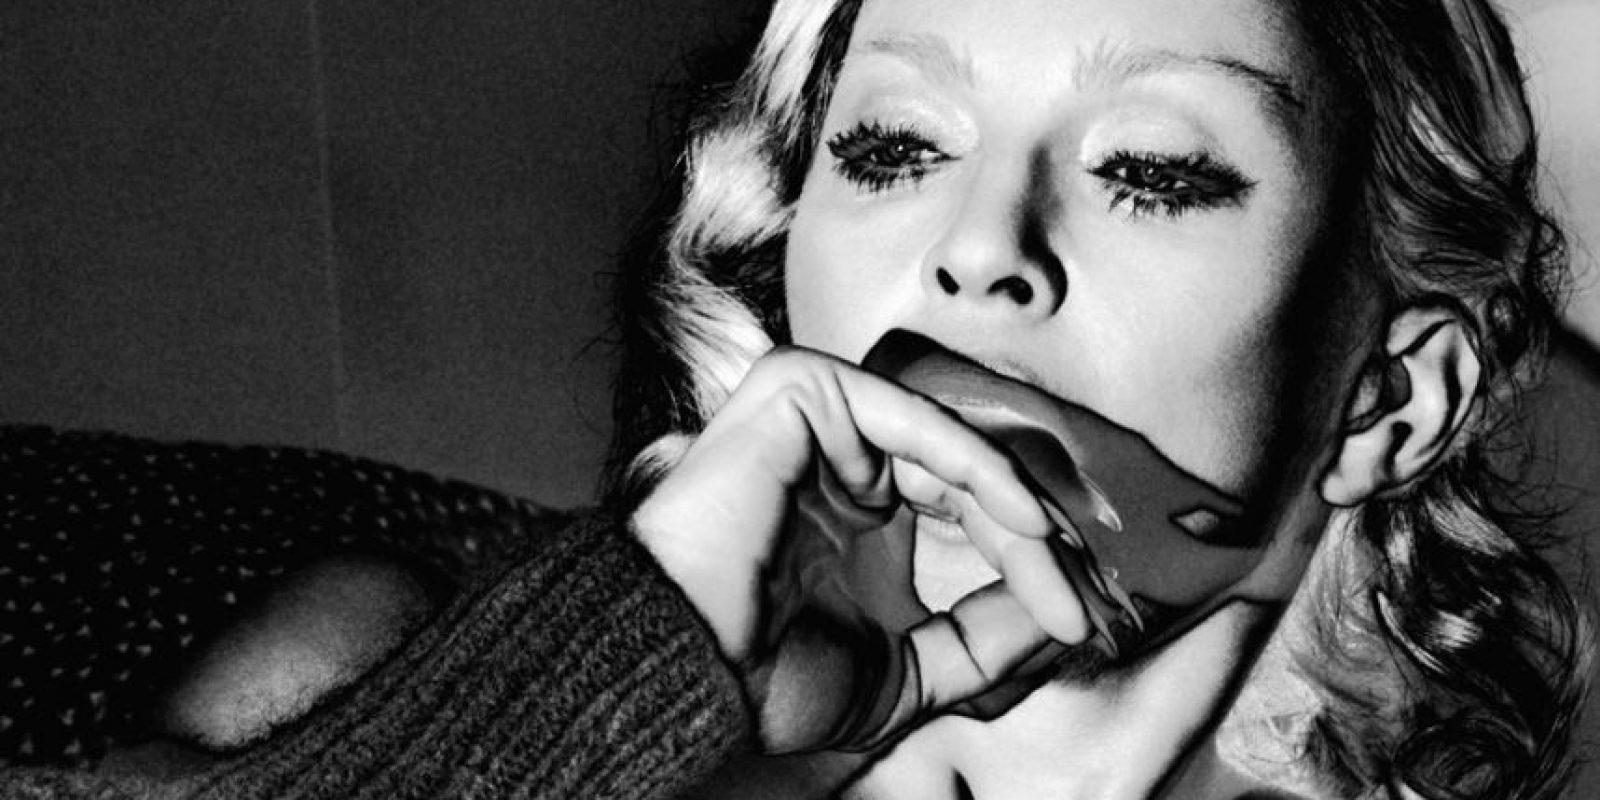 Su nomre completo es Madonna Louise Veronica Ciccone Foto:InterviewMagazine.com